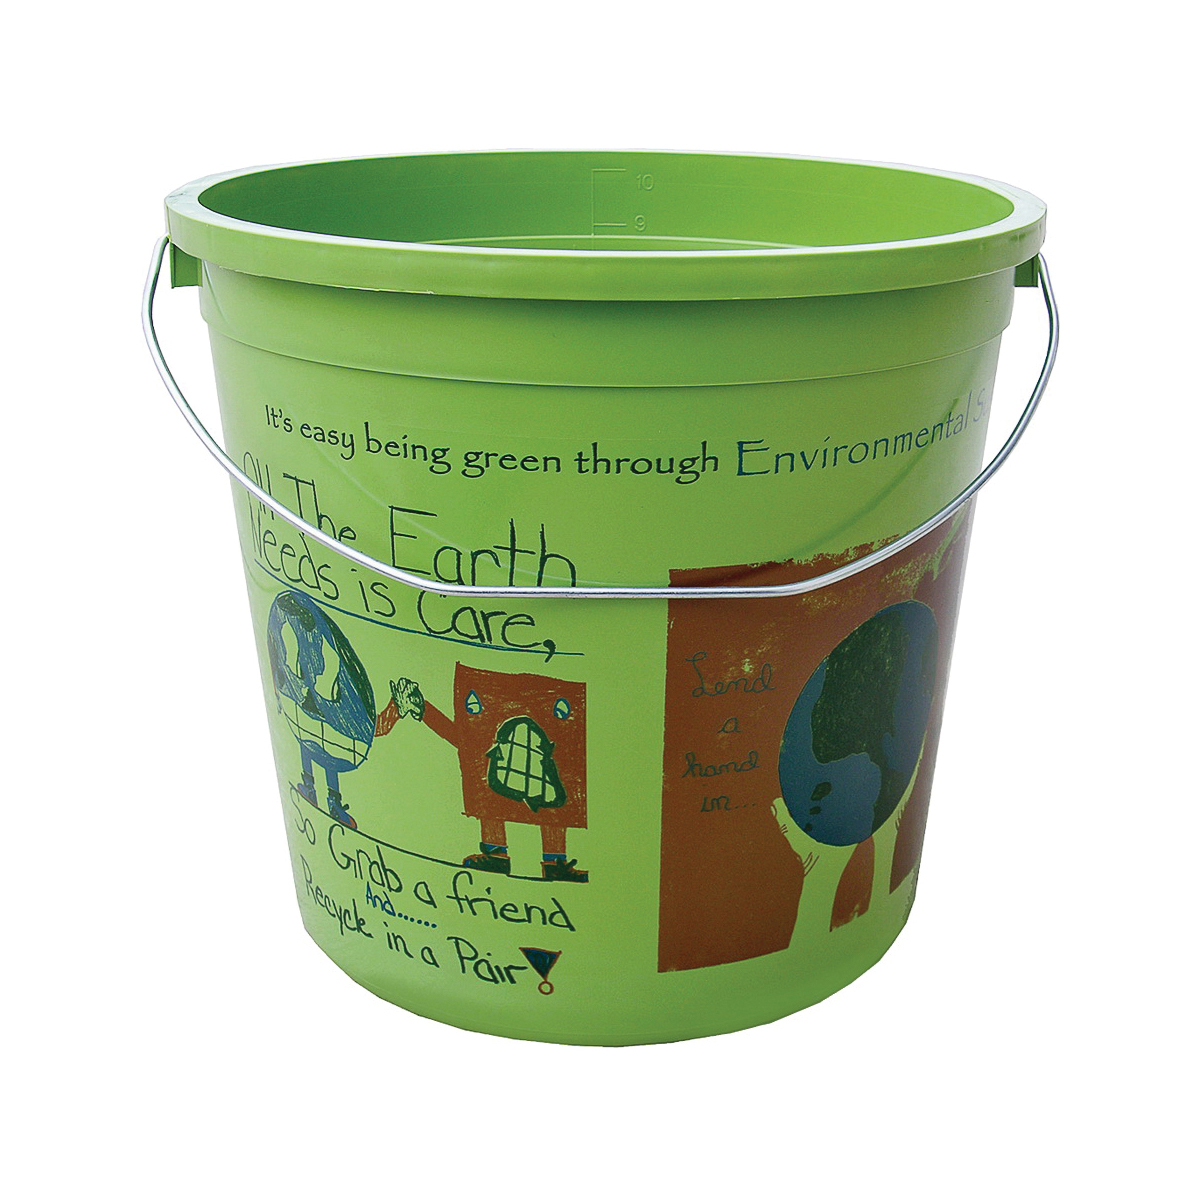 Picture of ENCORE Plastics EcoSmart 300773 Paint Pail, 10 qt Capacity, HDPE, Green